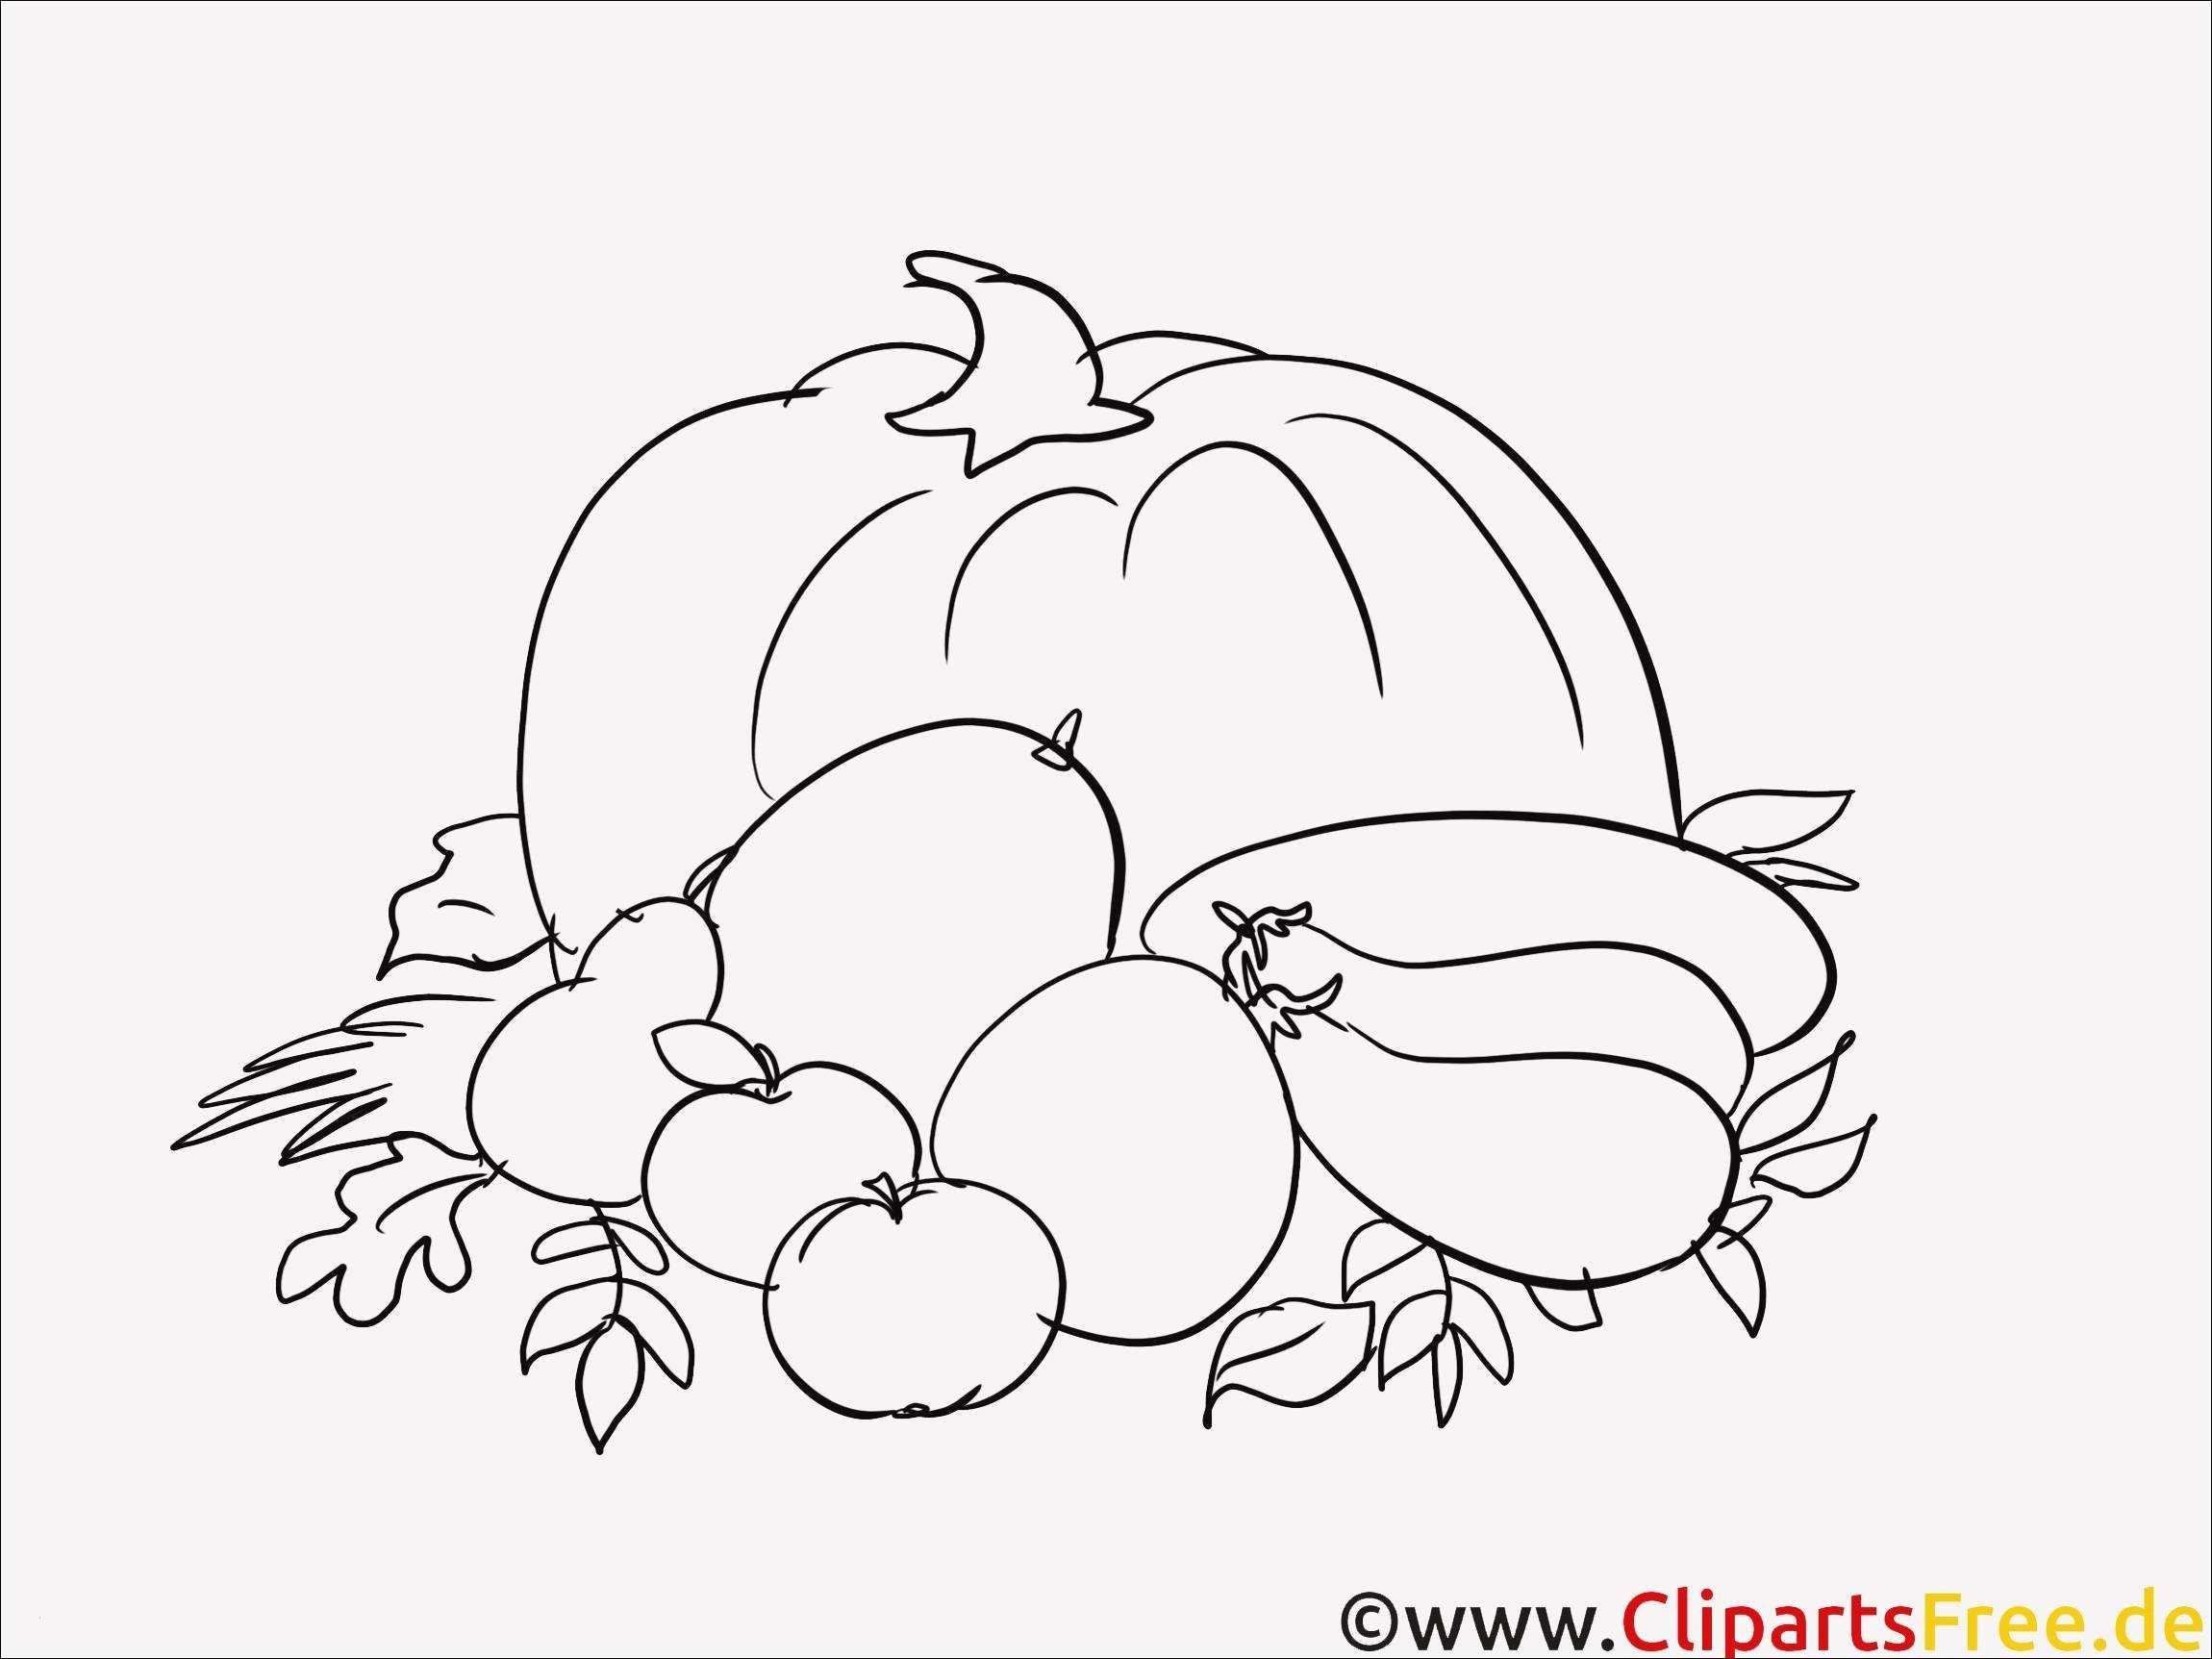 Mandala Herbst Zum Ausdrucken Inspirierend Ausmalbilder Herbst Mandala Bildnis 25 Genial Malvorlagen Herbst Zum Sammlung